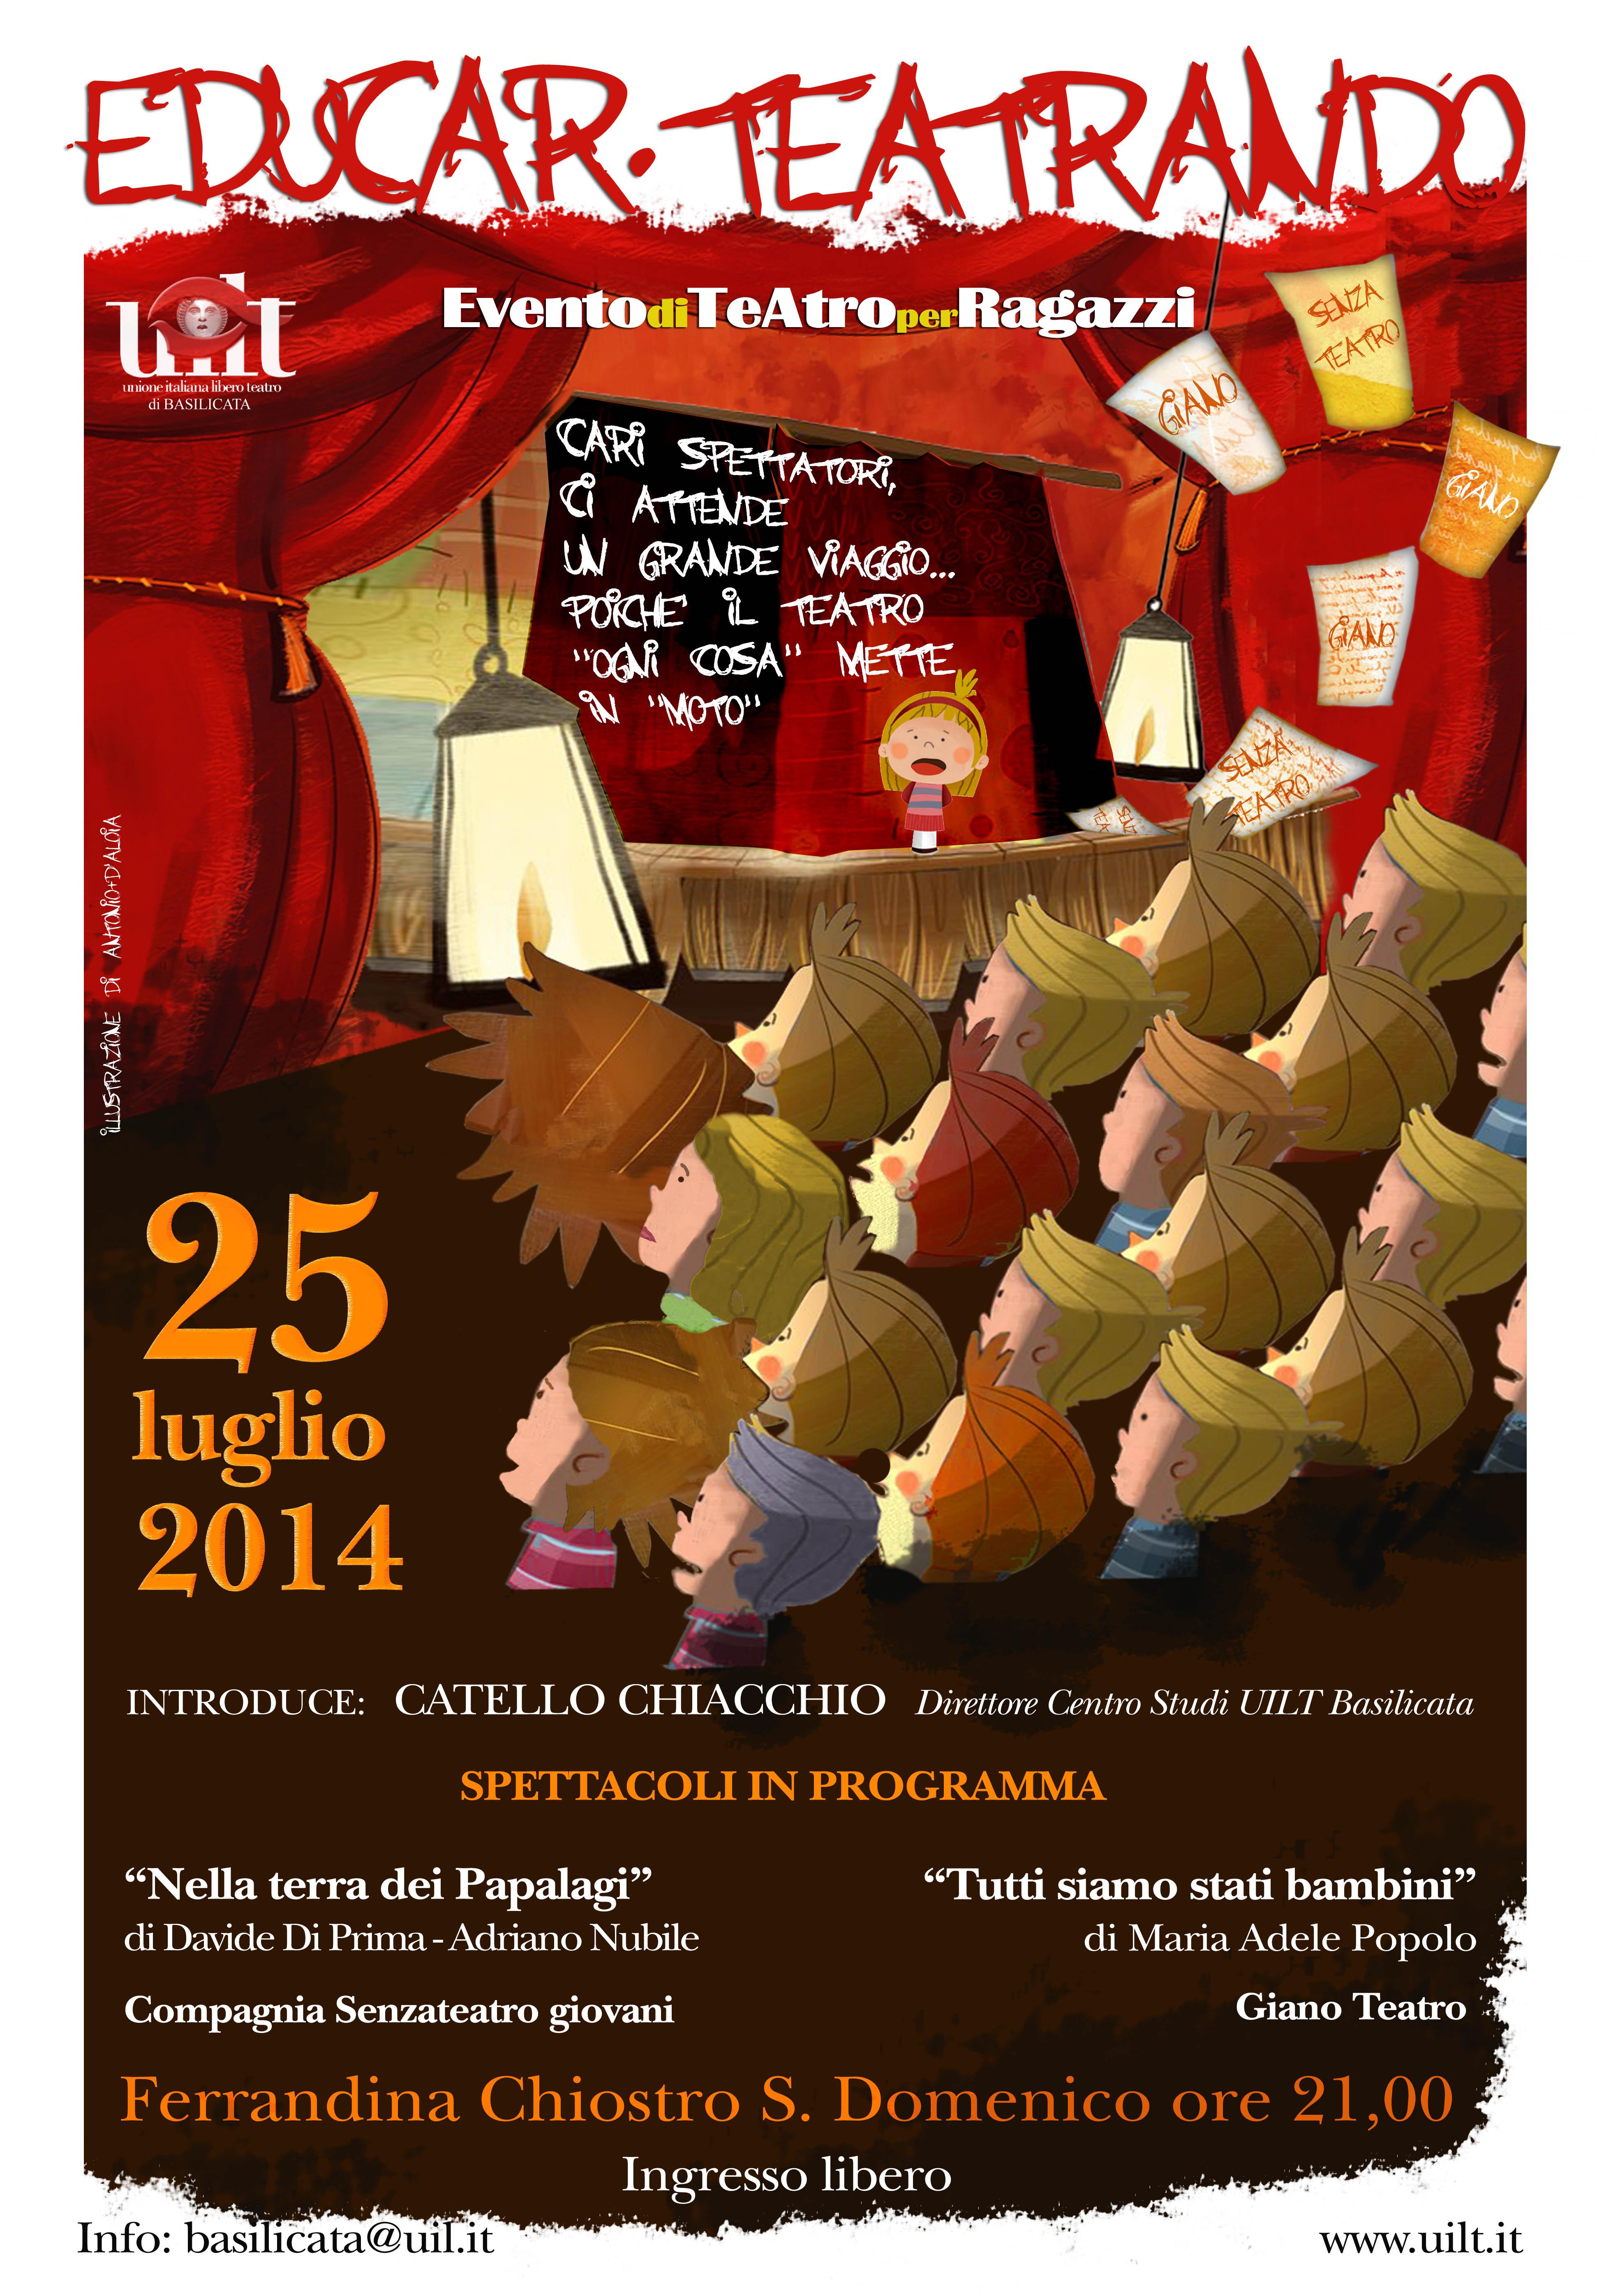 Educar.Teatrando-25 luglio 2014 Nella Terra dei Papalagi-Ferrandina